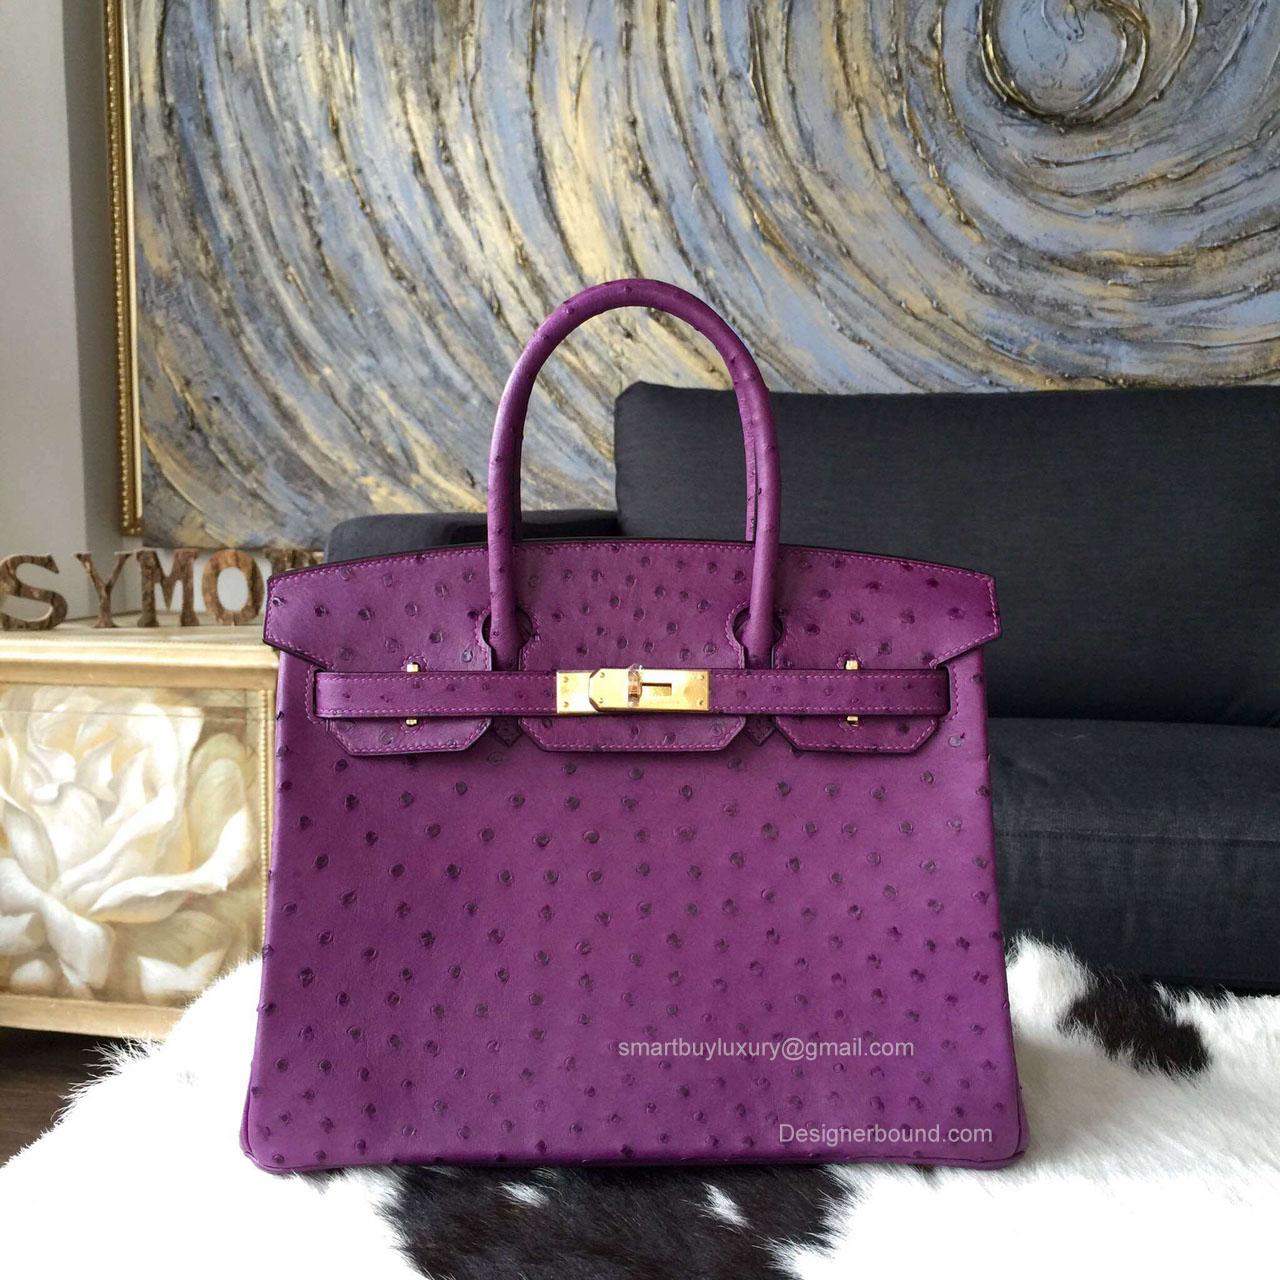 8f2f0483d3b4 Hermes Birkin 35 Bag Violet Ostrich Leather Handstitched Gold hw -